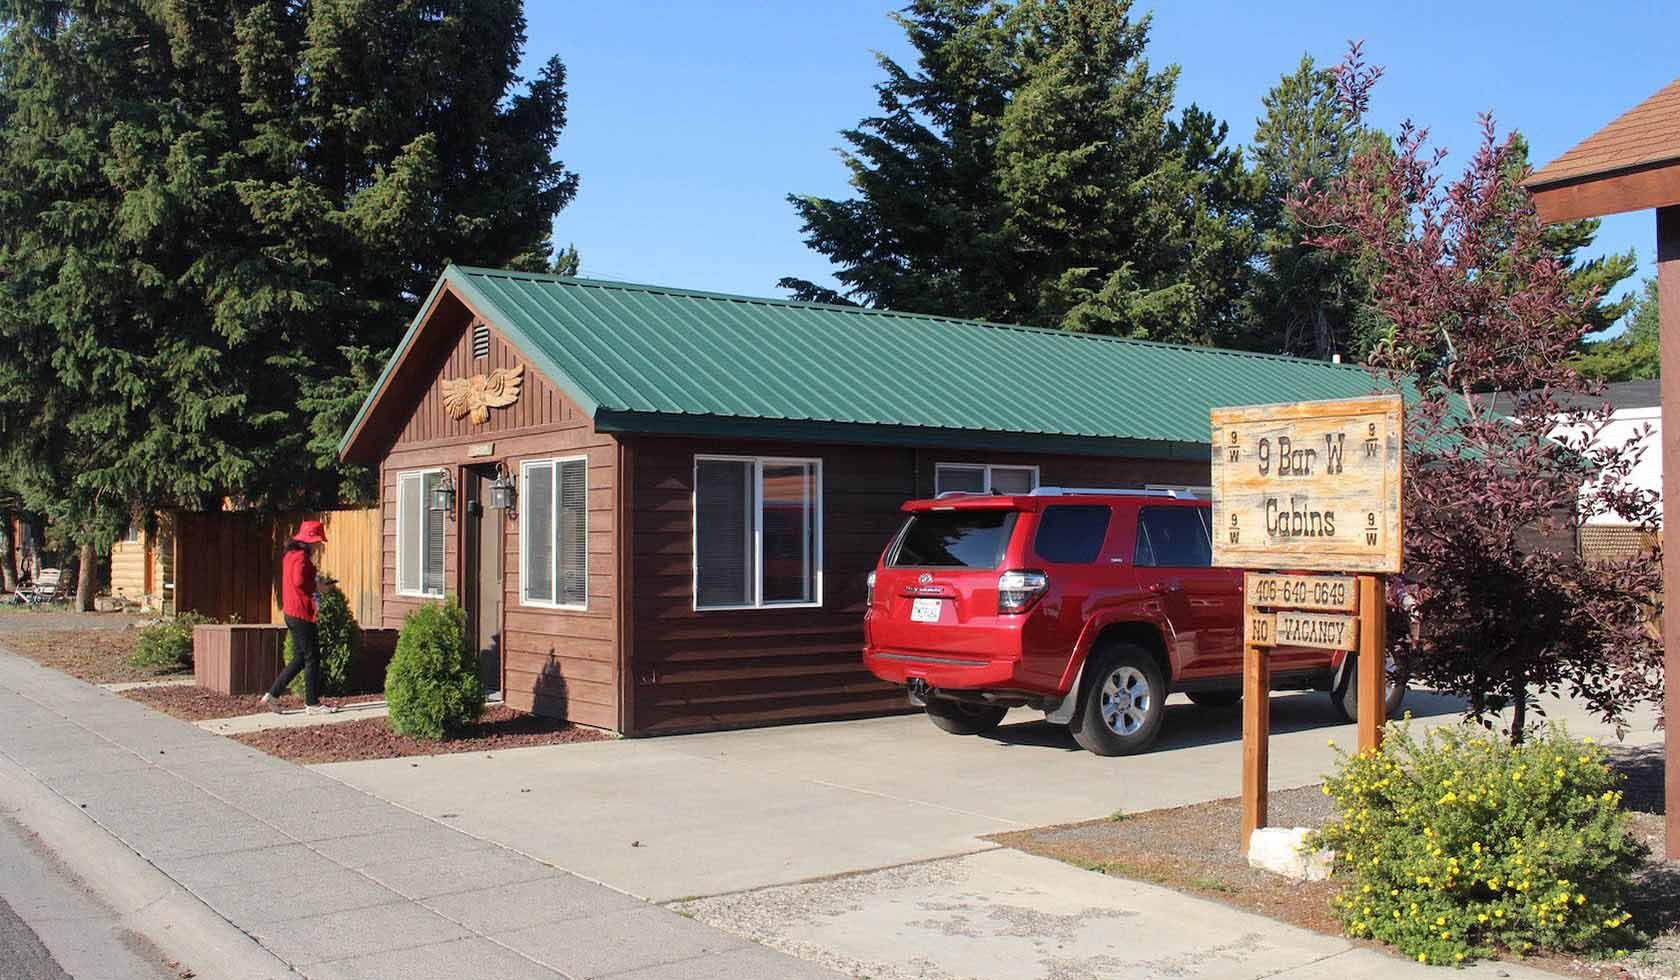 9-W Cabins profile image